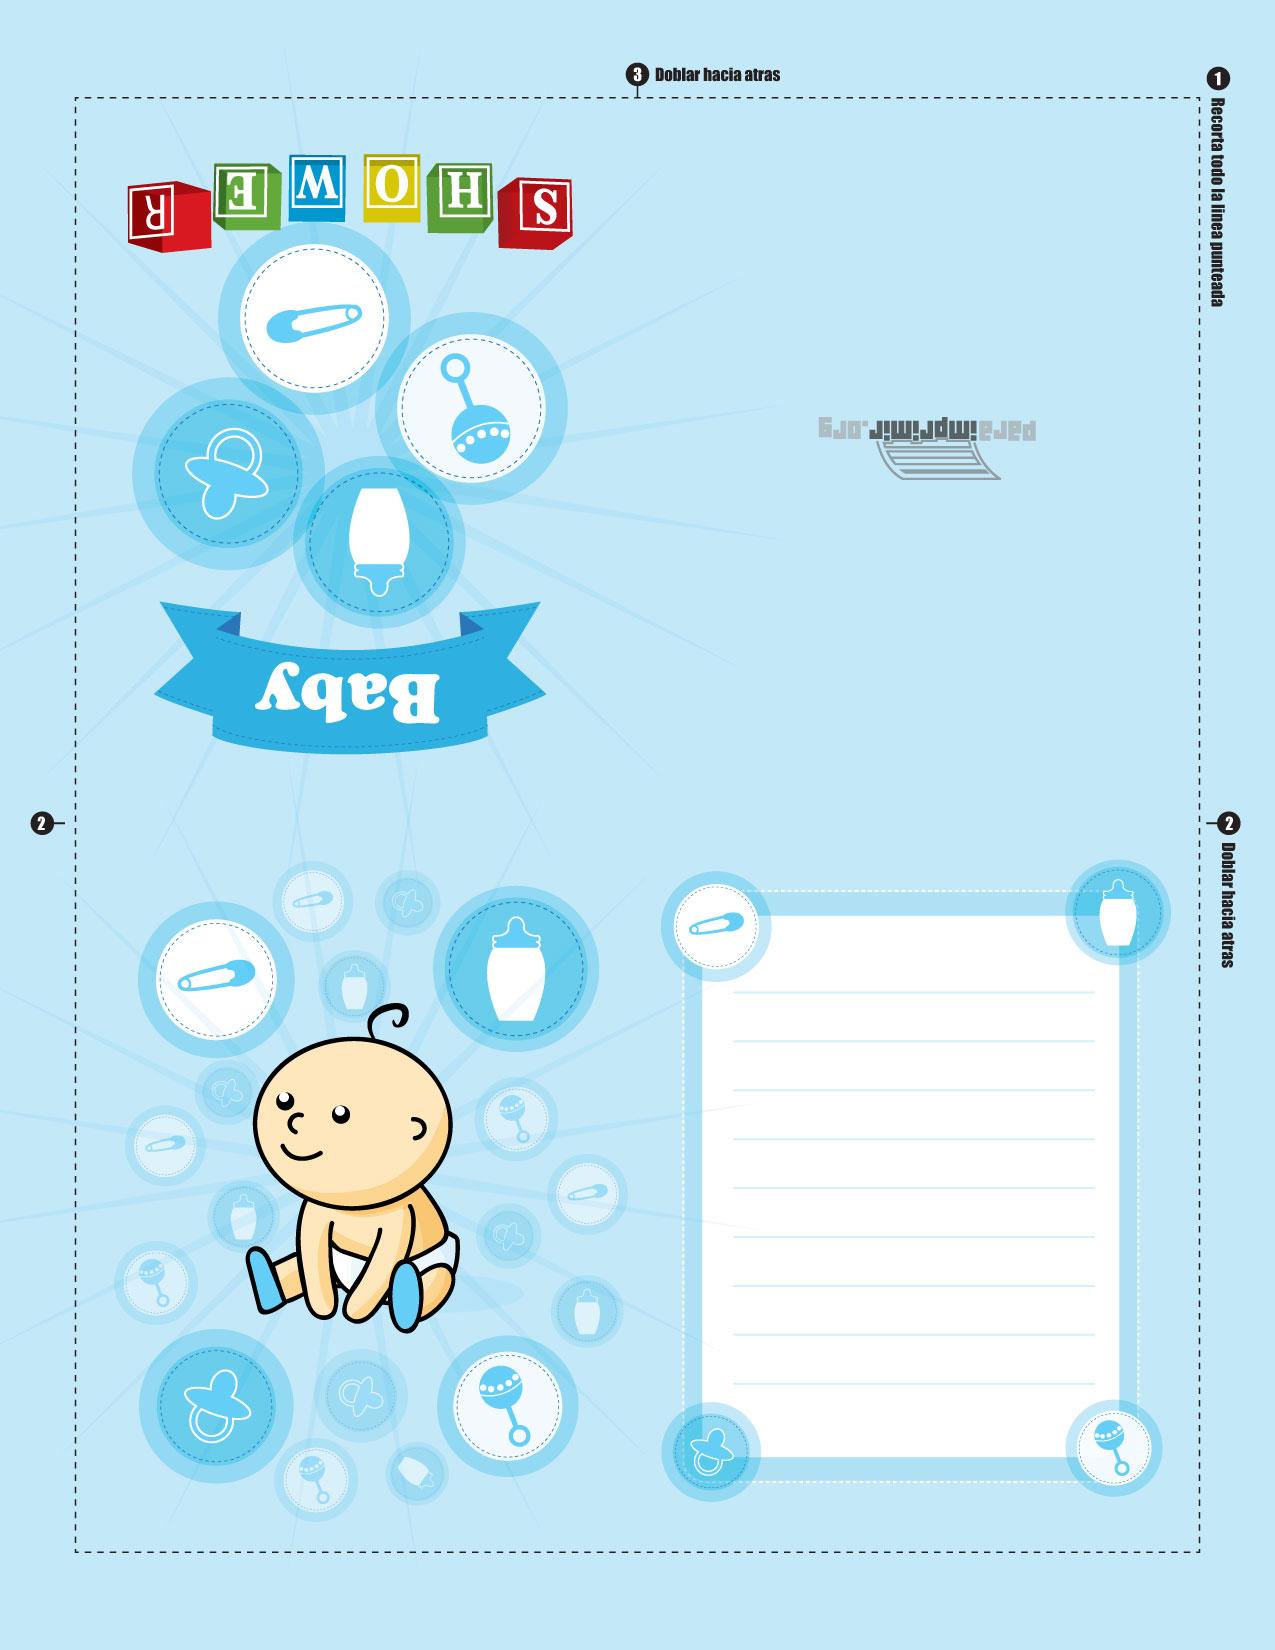 Papel decorado para imprimir-Imagenes y dibujos para imprimir